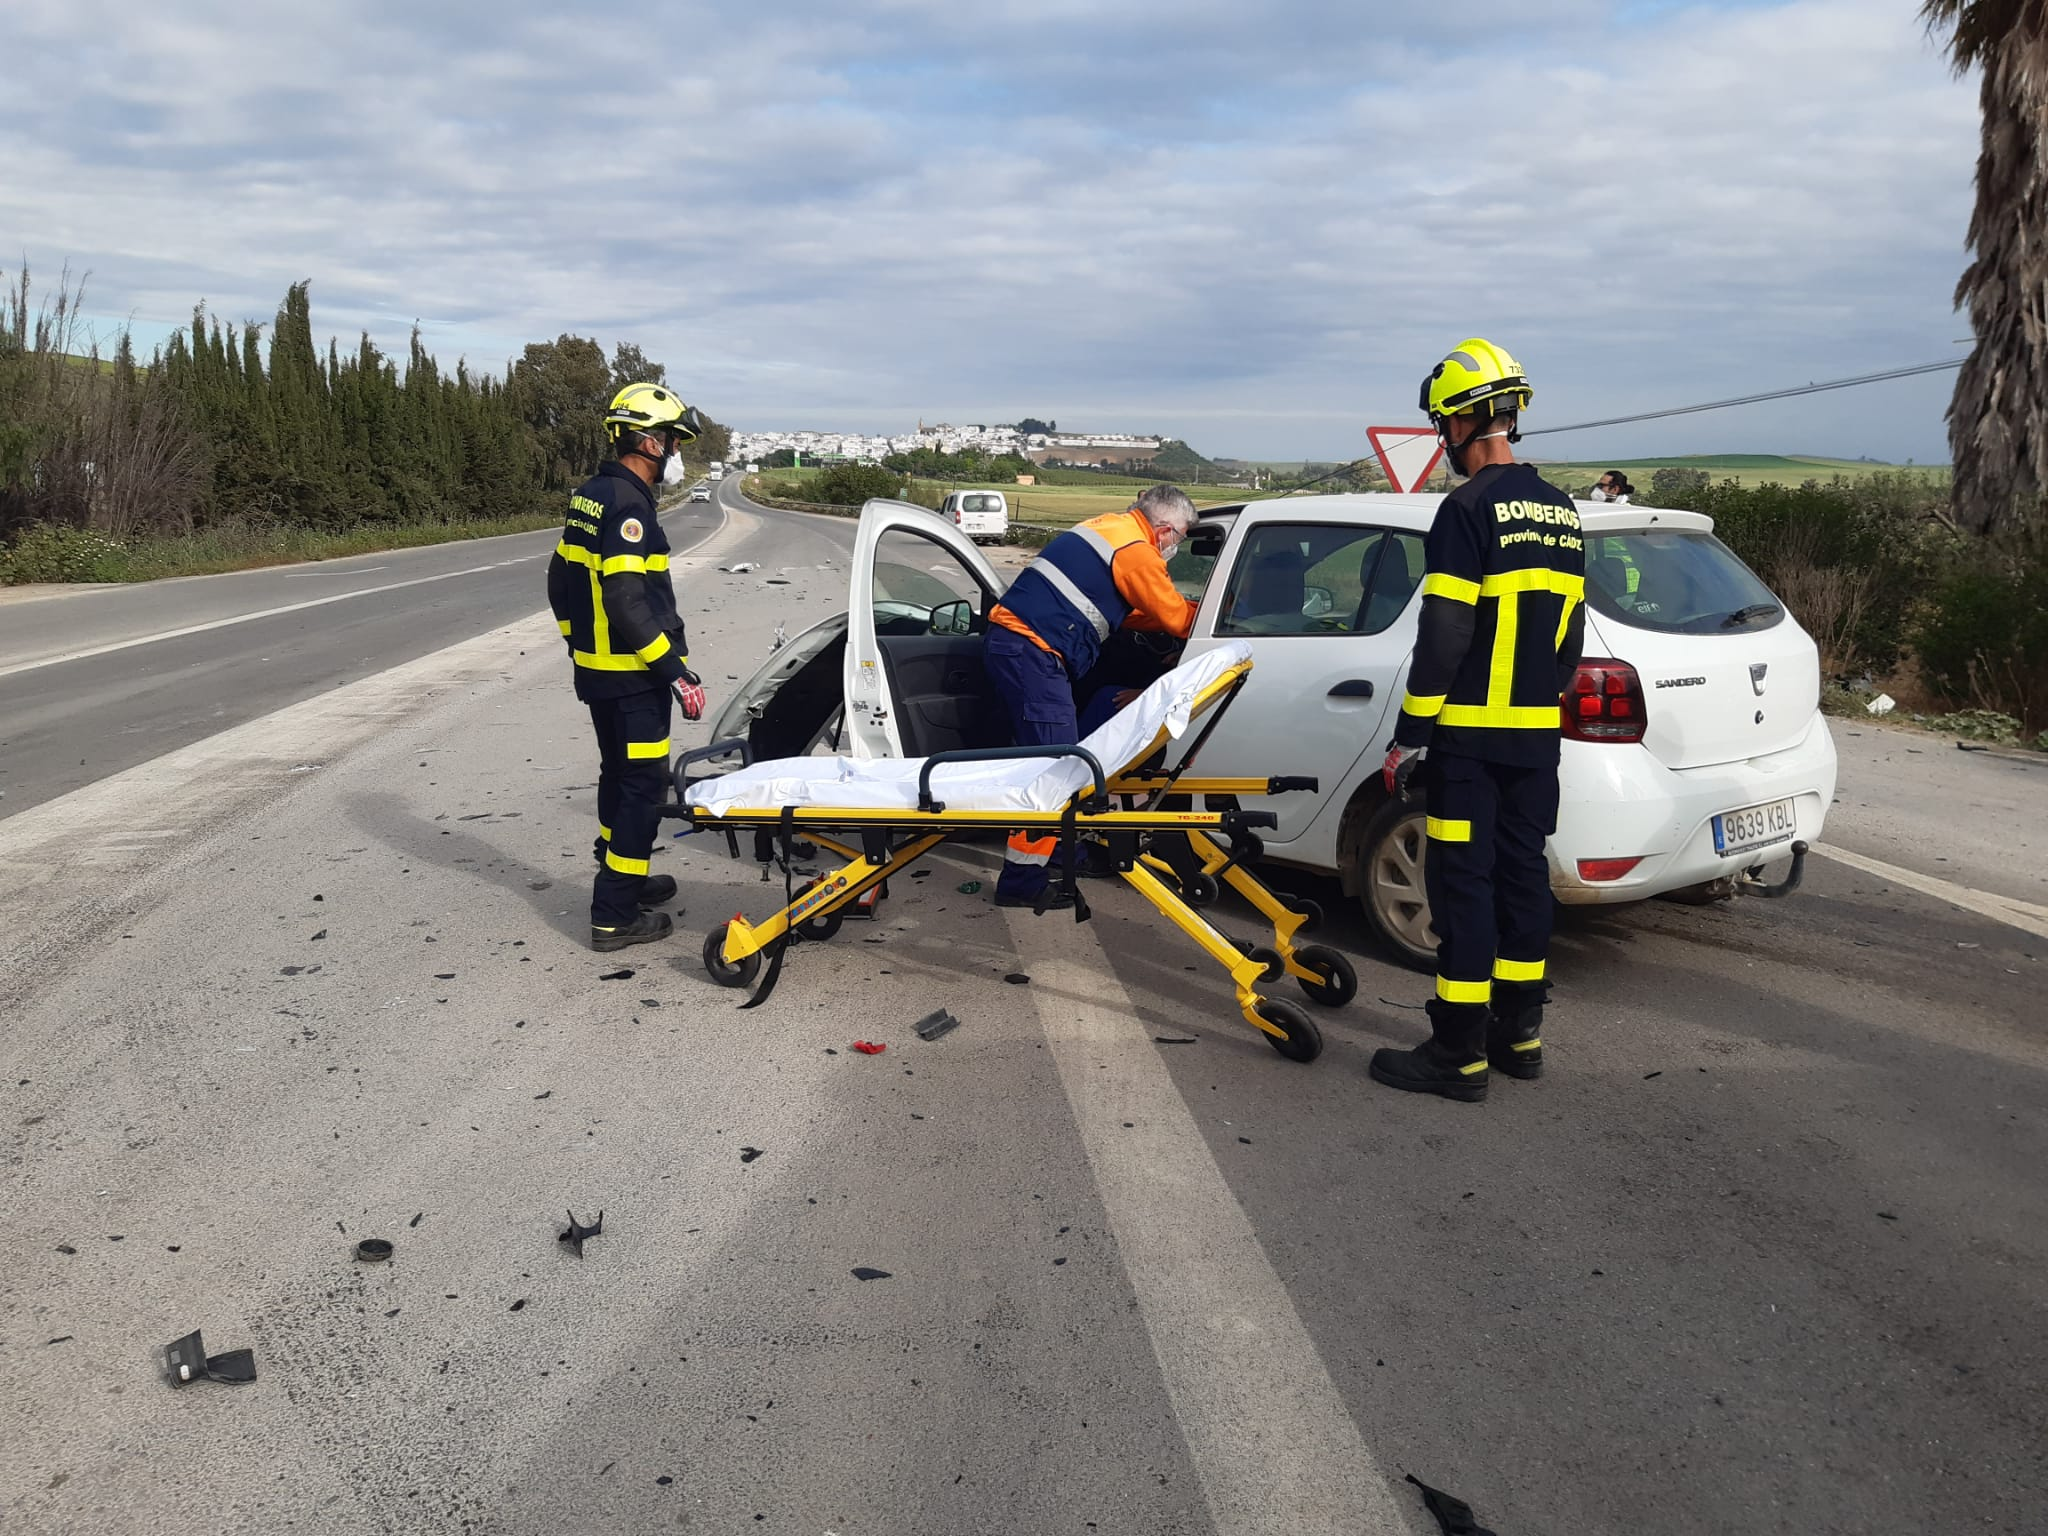 Un sanitario atiende a uno de los conductores en presencia de dos bomberos.